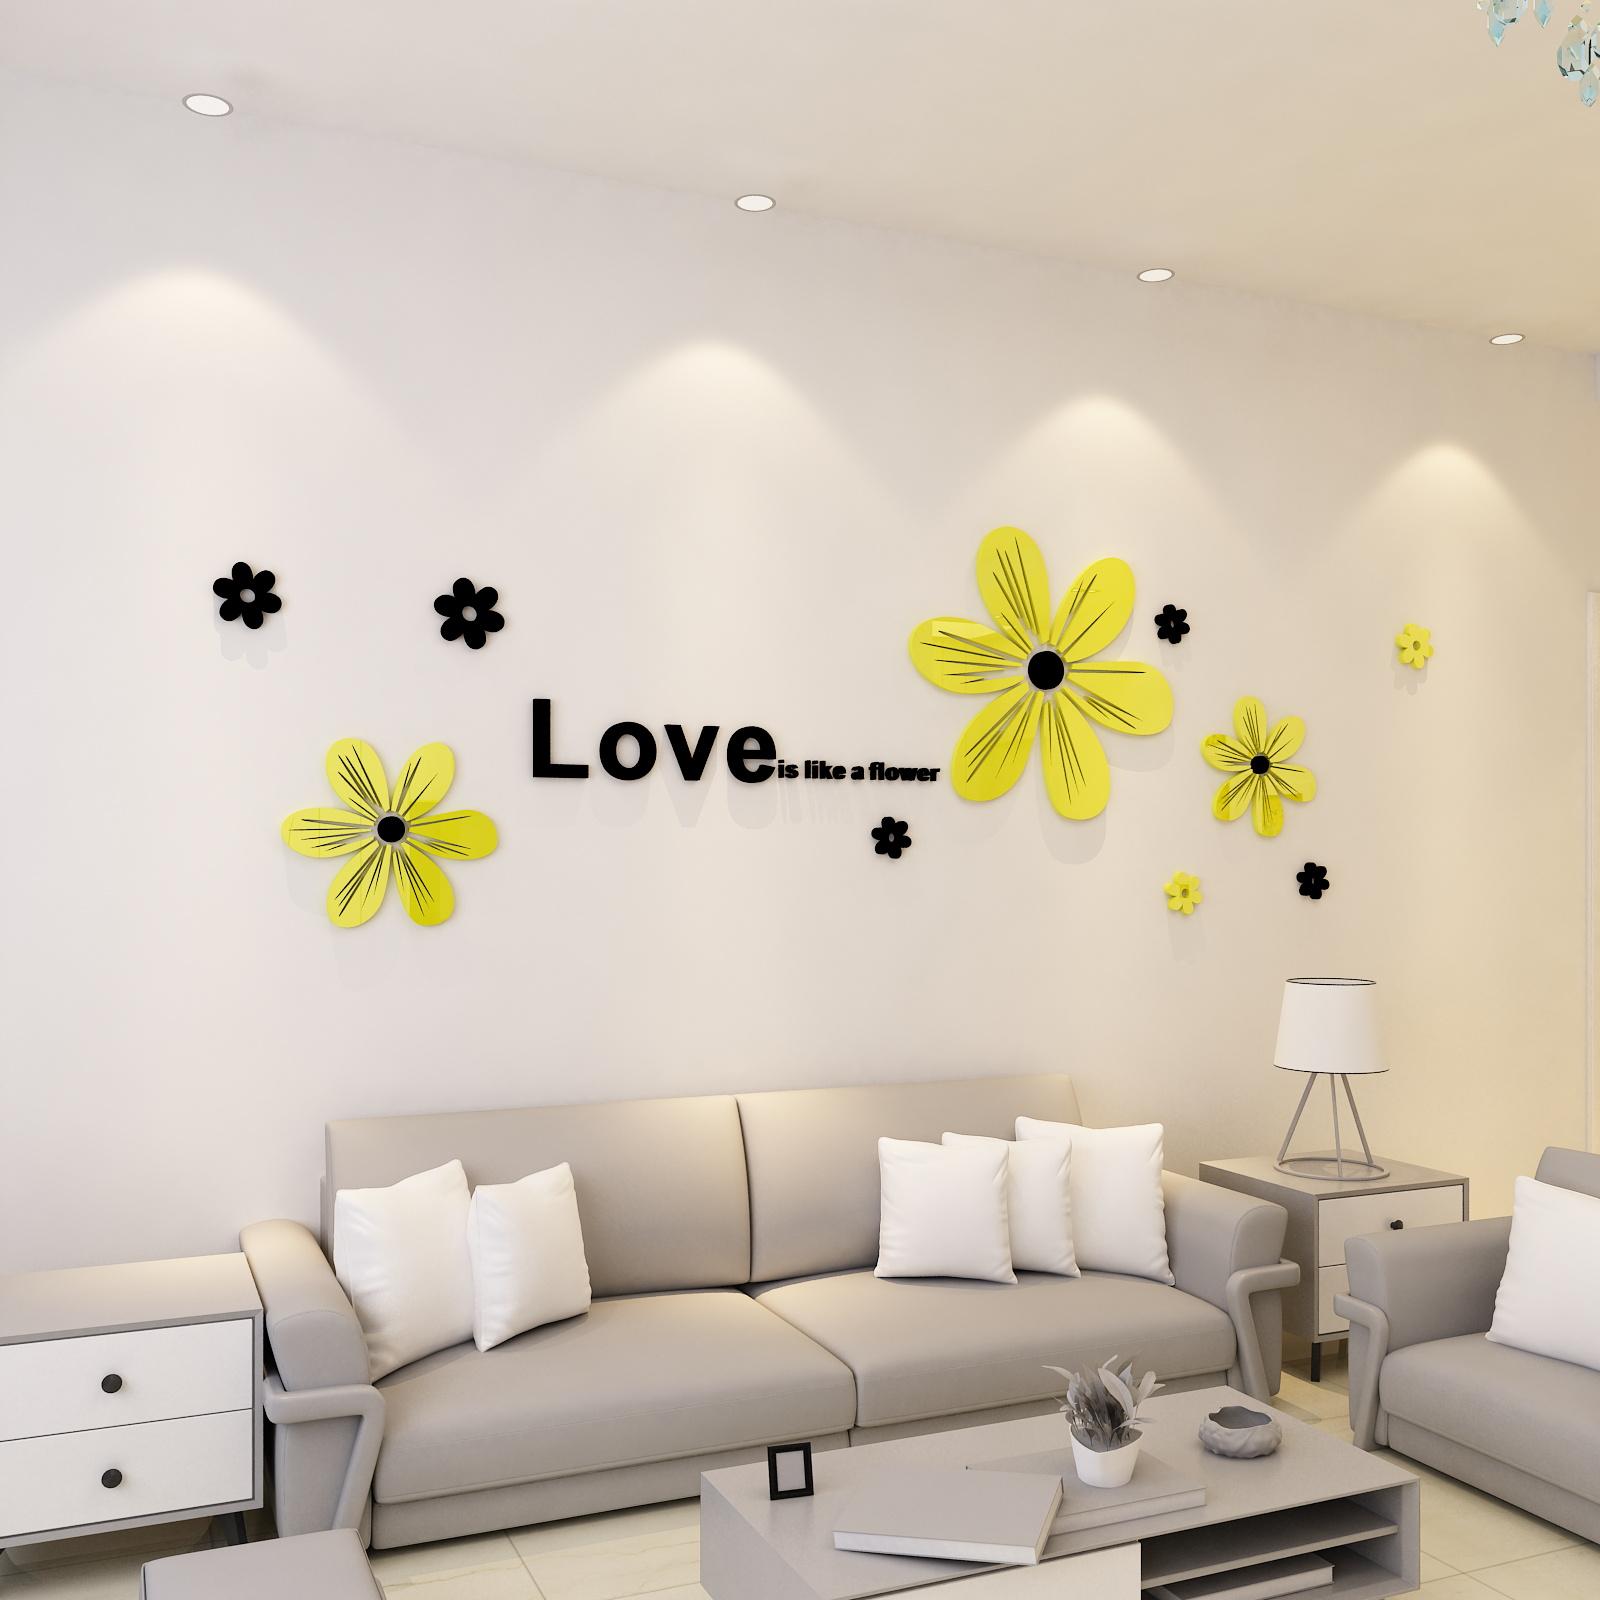 客厅3d亚克力电视墙贴立体夏花卧室贴画沙发餐厅墙装饰创意墙背景